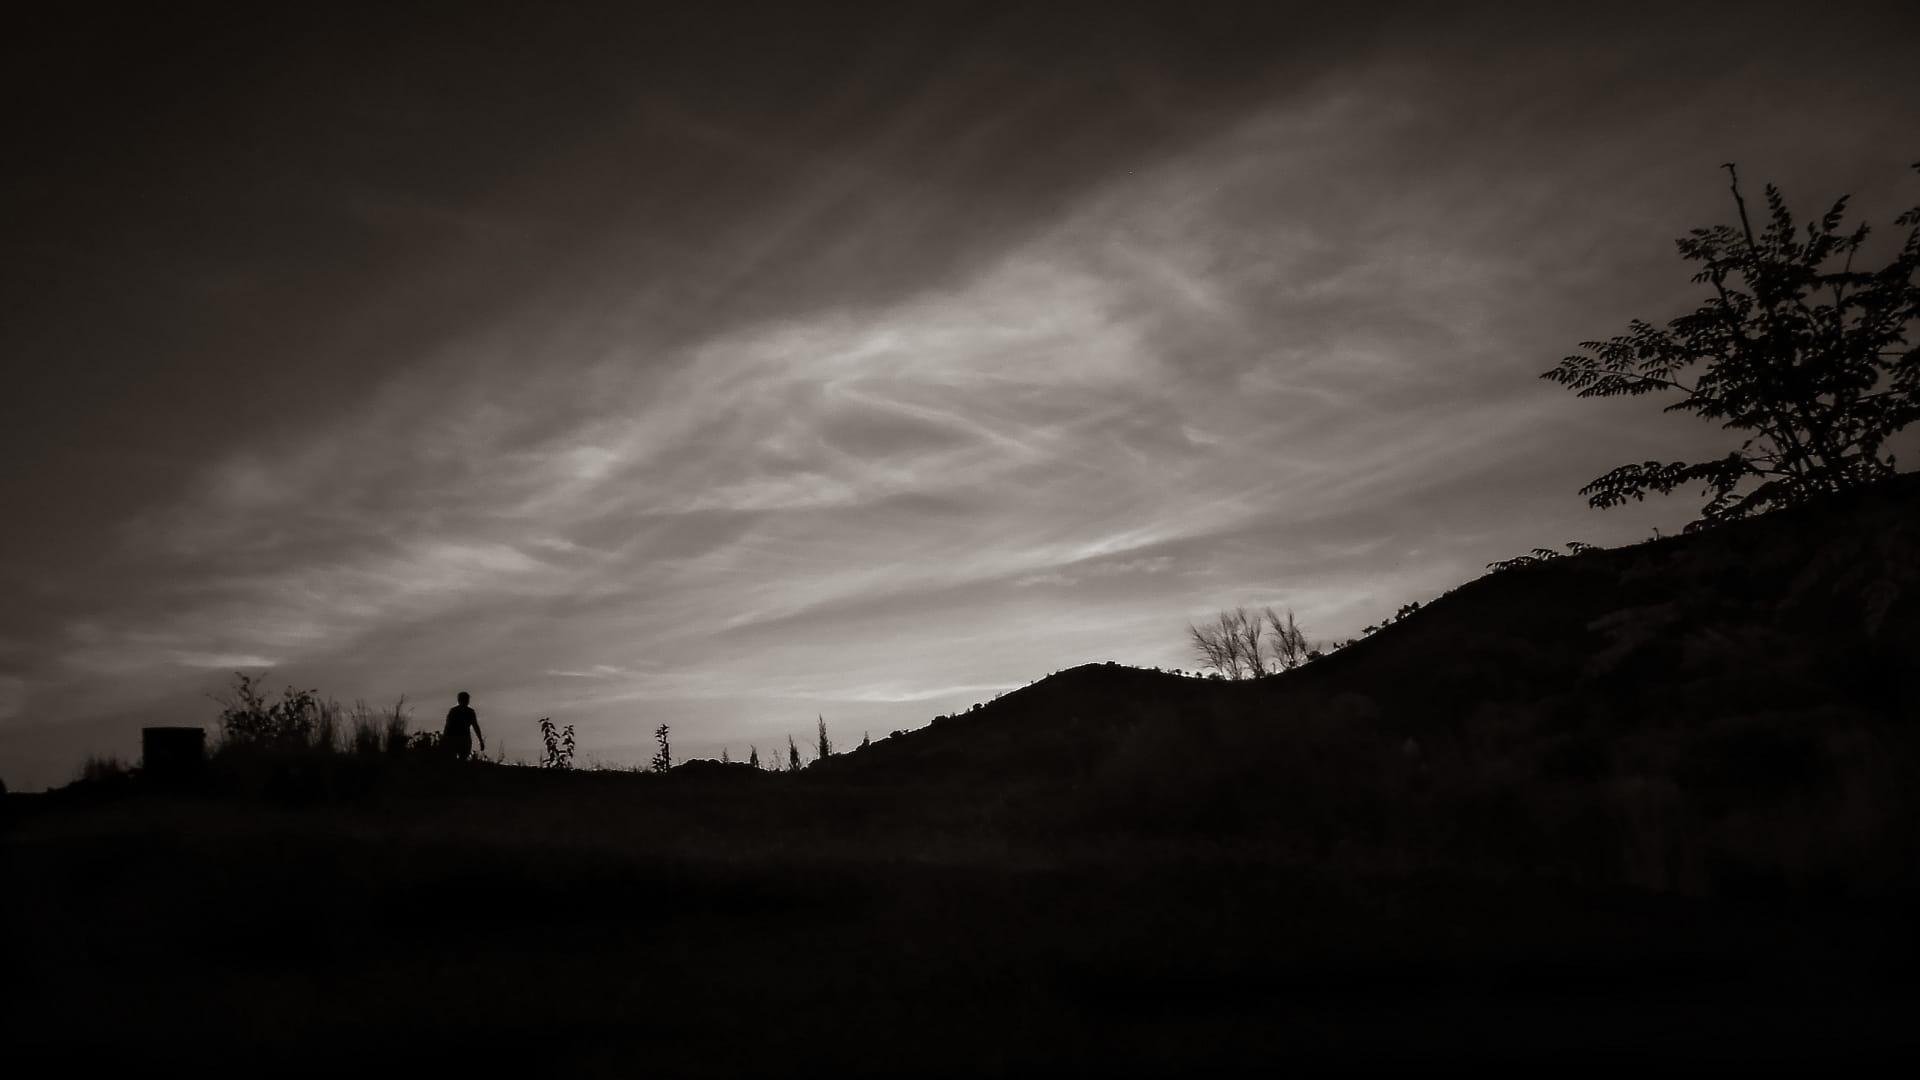 Dunkelheit kommt